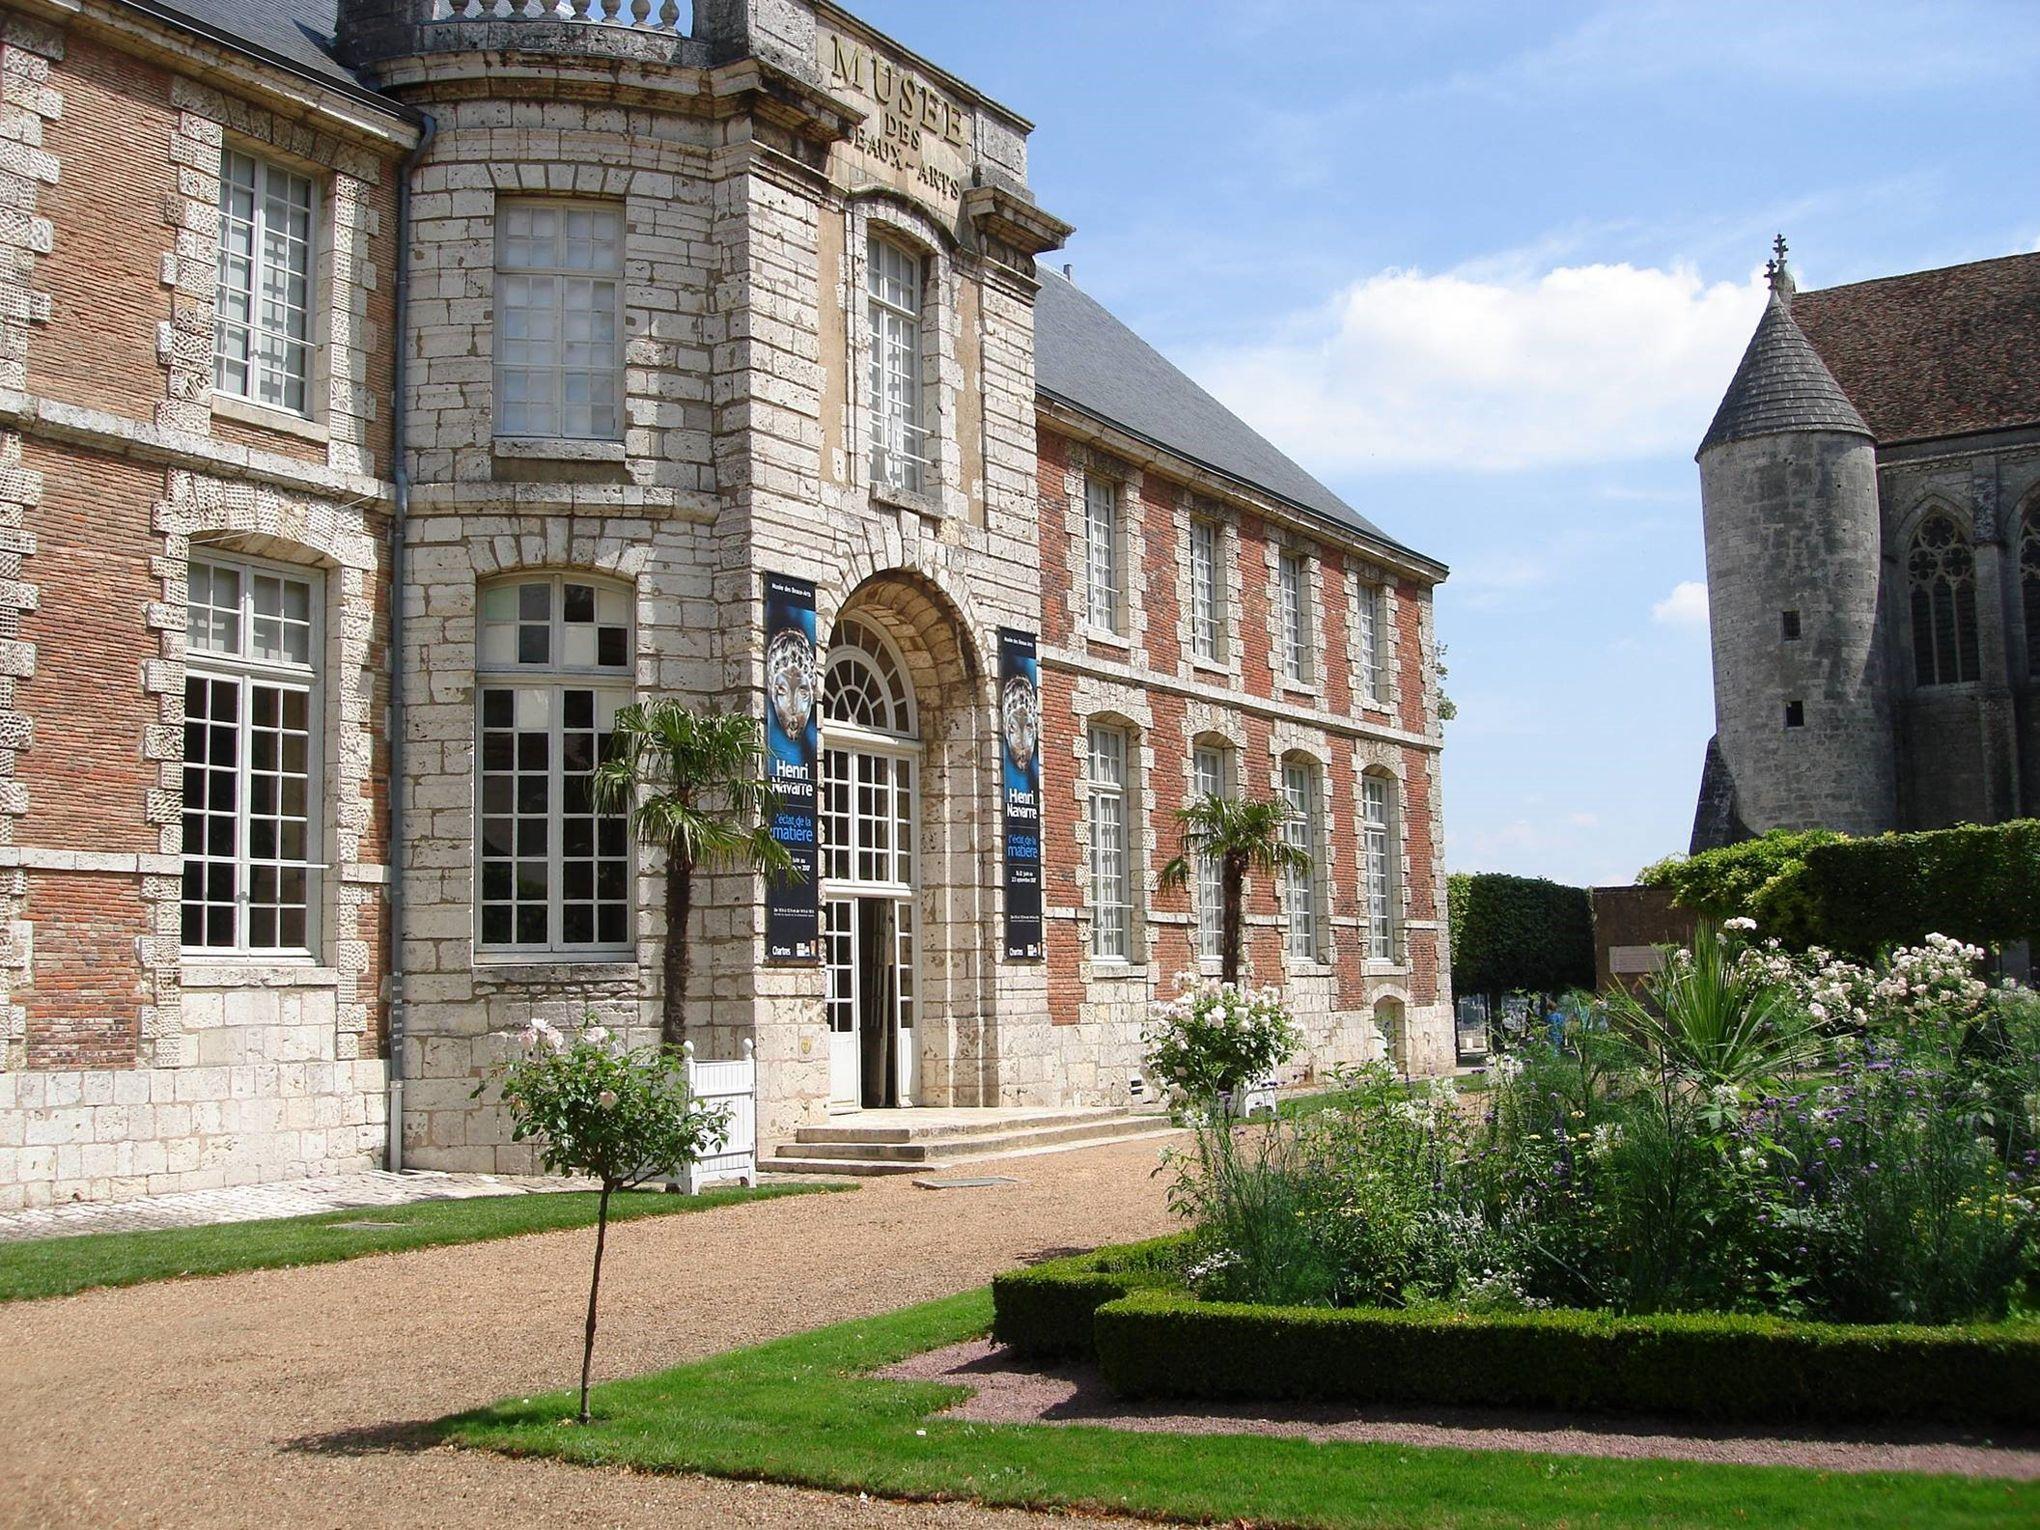 Le mus e des beaux arts de chartres porte close - Office de tourisme de chartres ...